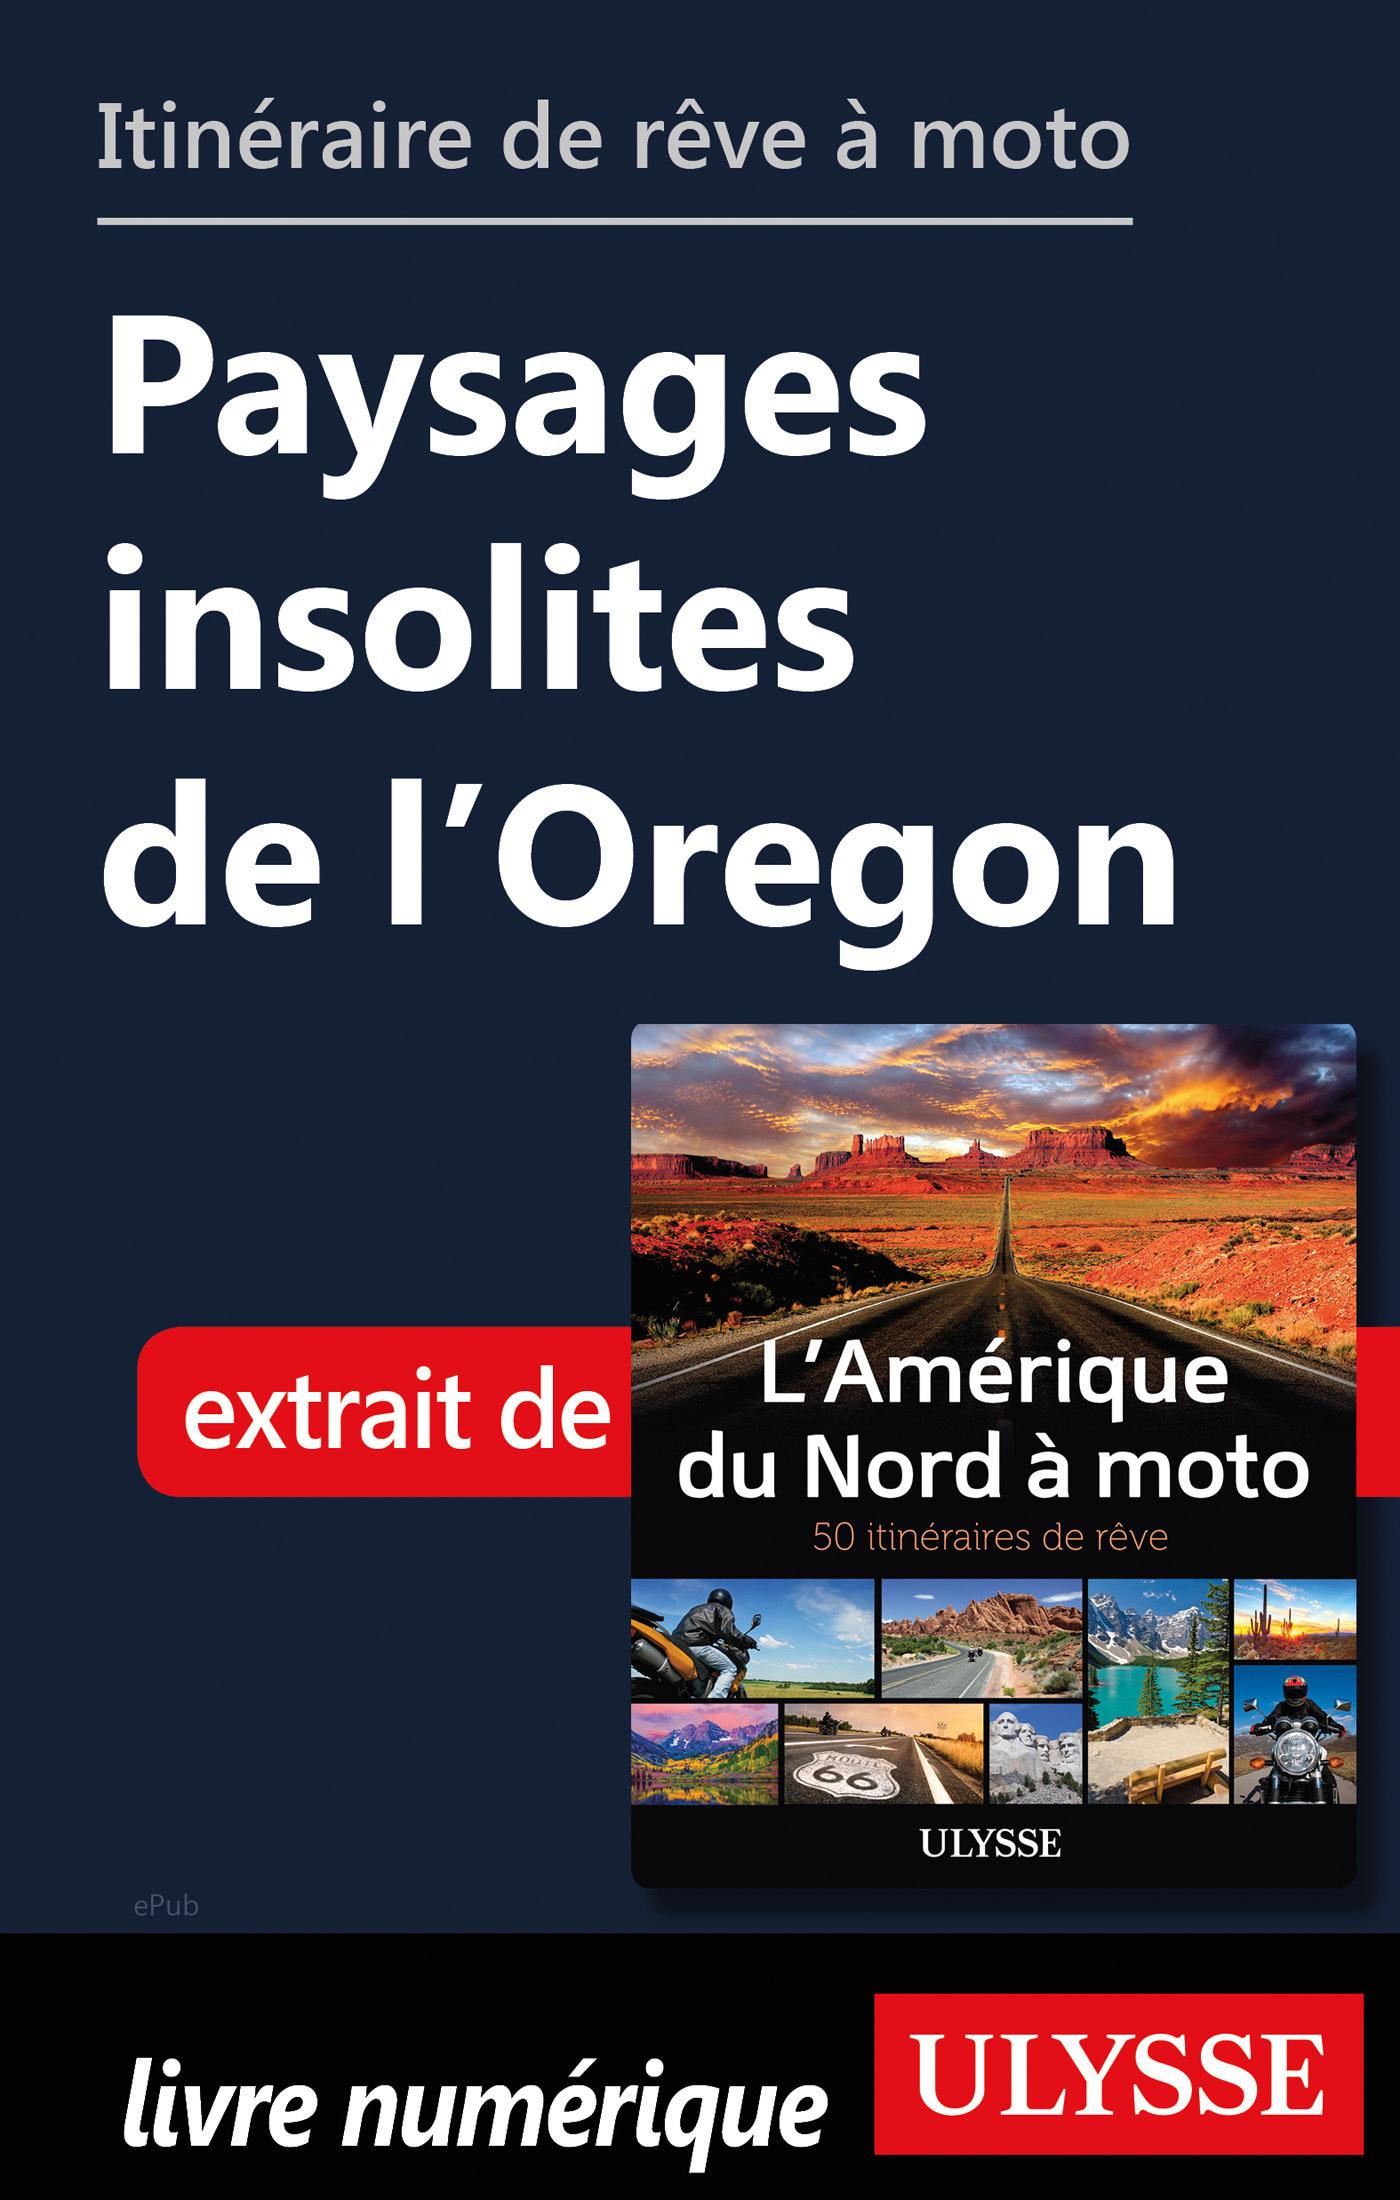 Itinéraire de rêve à moto - Paysages insolites de l'Oregon